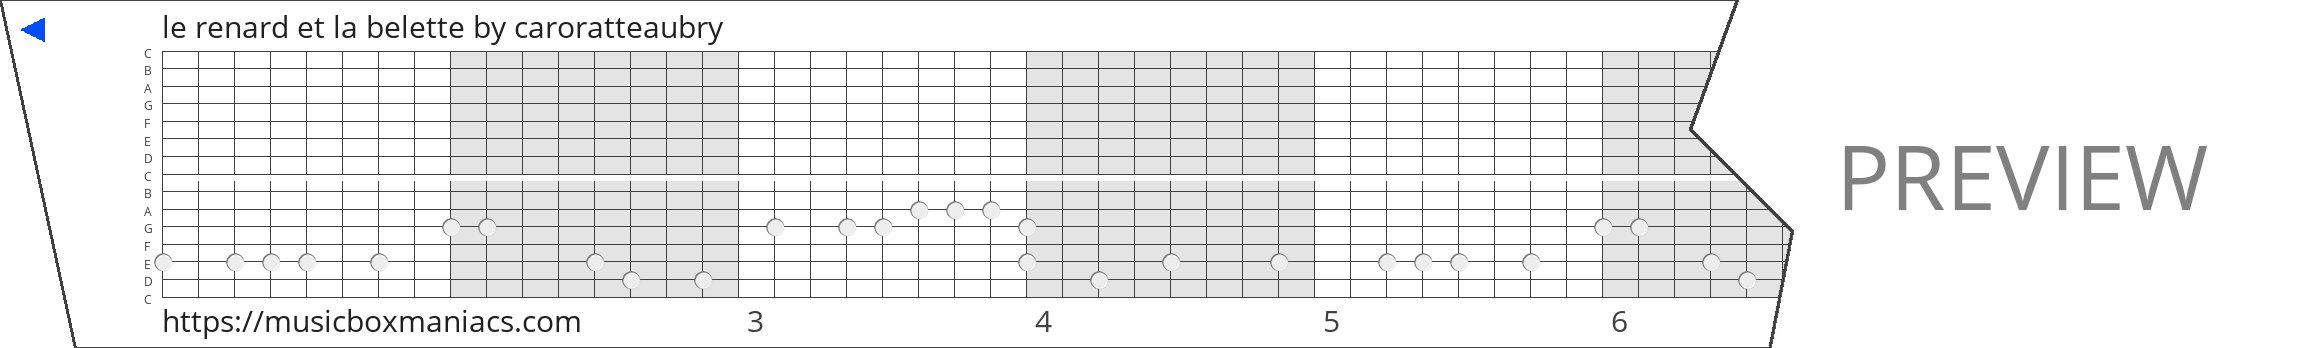 le renard et la belette 15 note music box paper strip